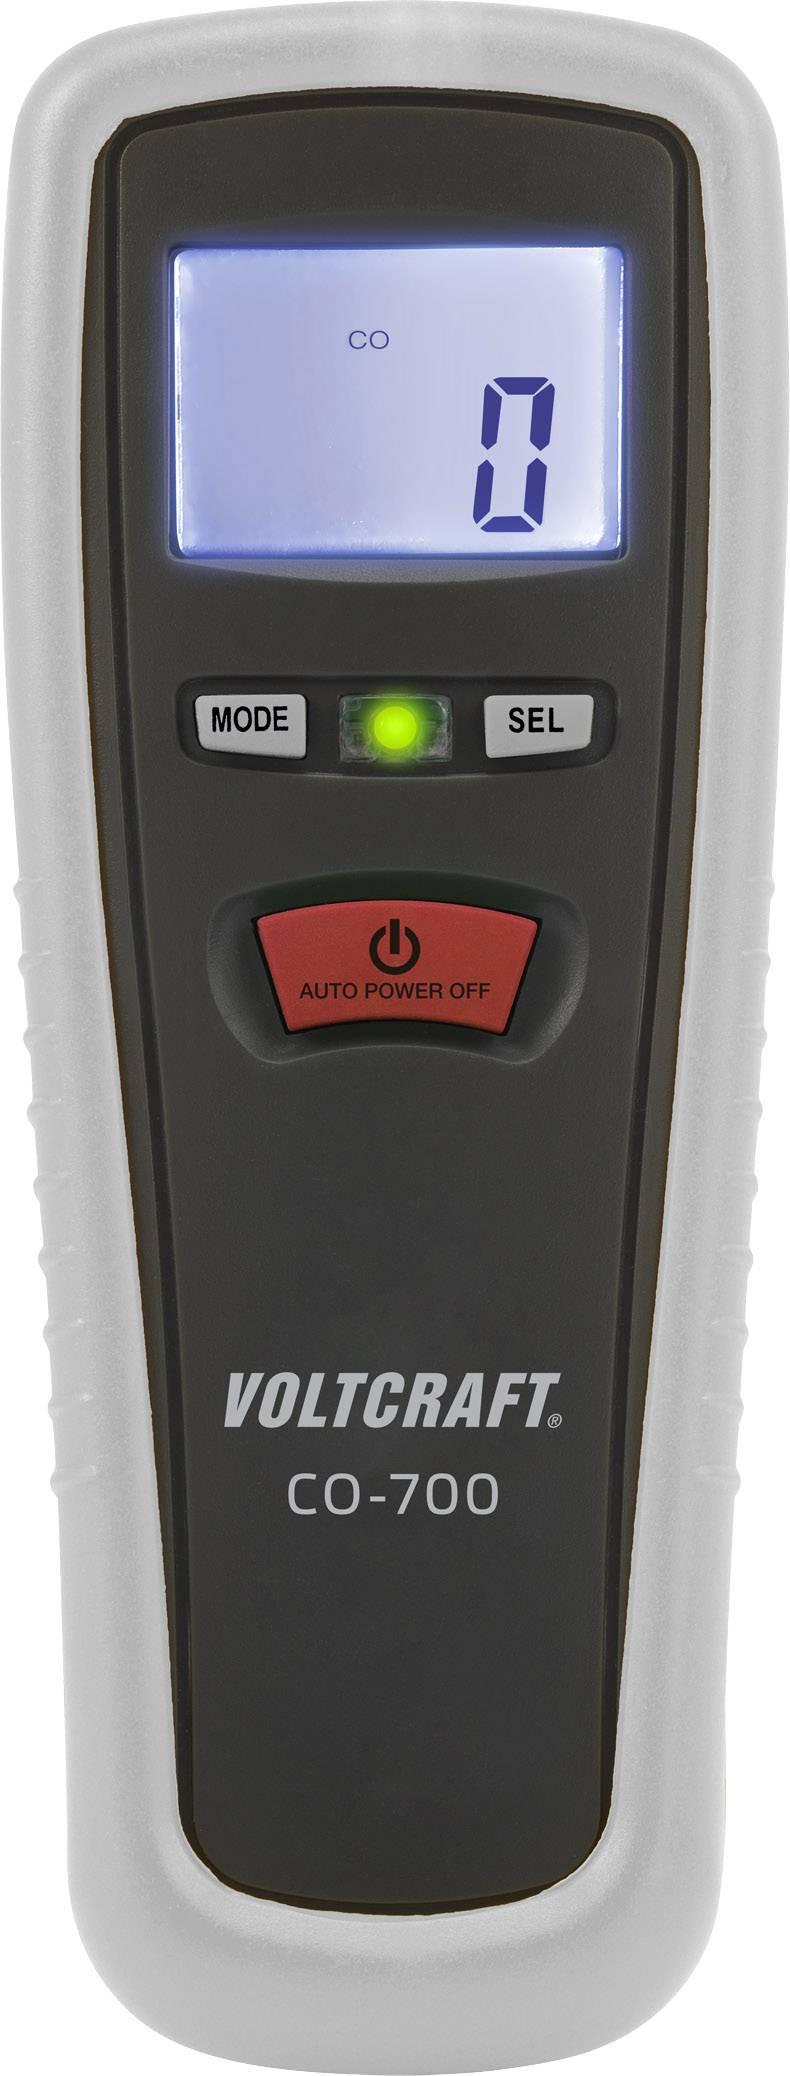 Měřič oxidu uhelnatého (CO) VOLTCRAFT CO-700, 0-1000ppm